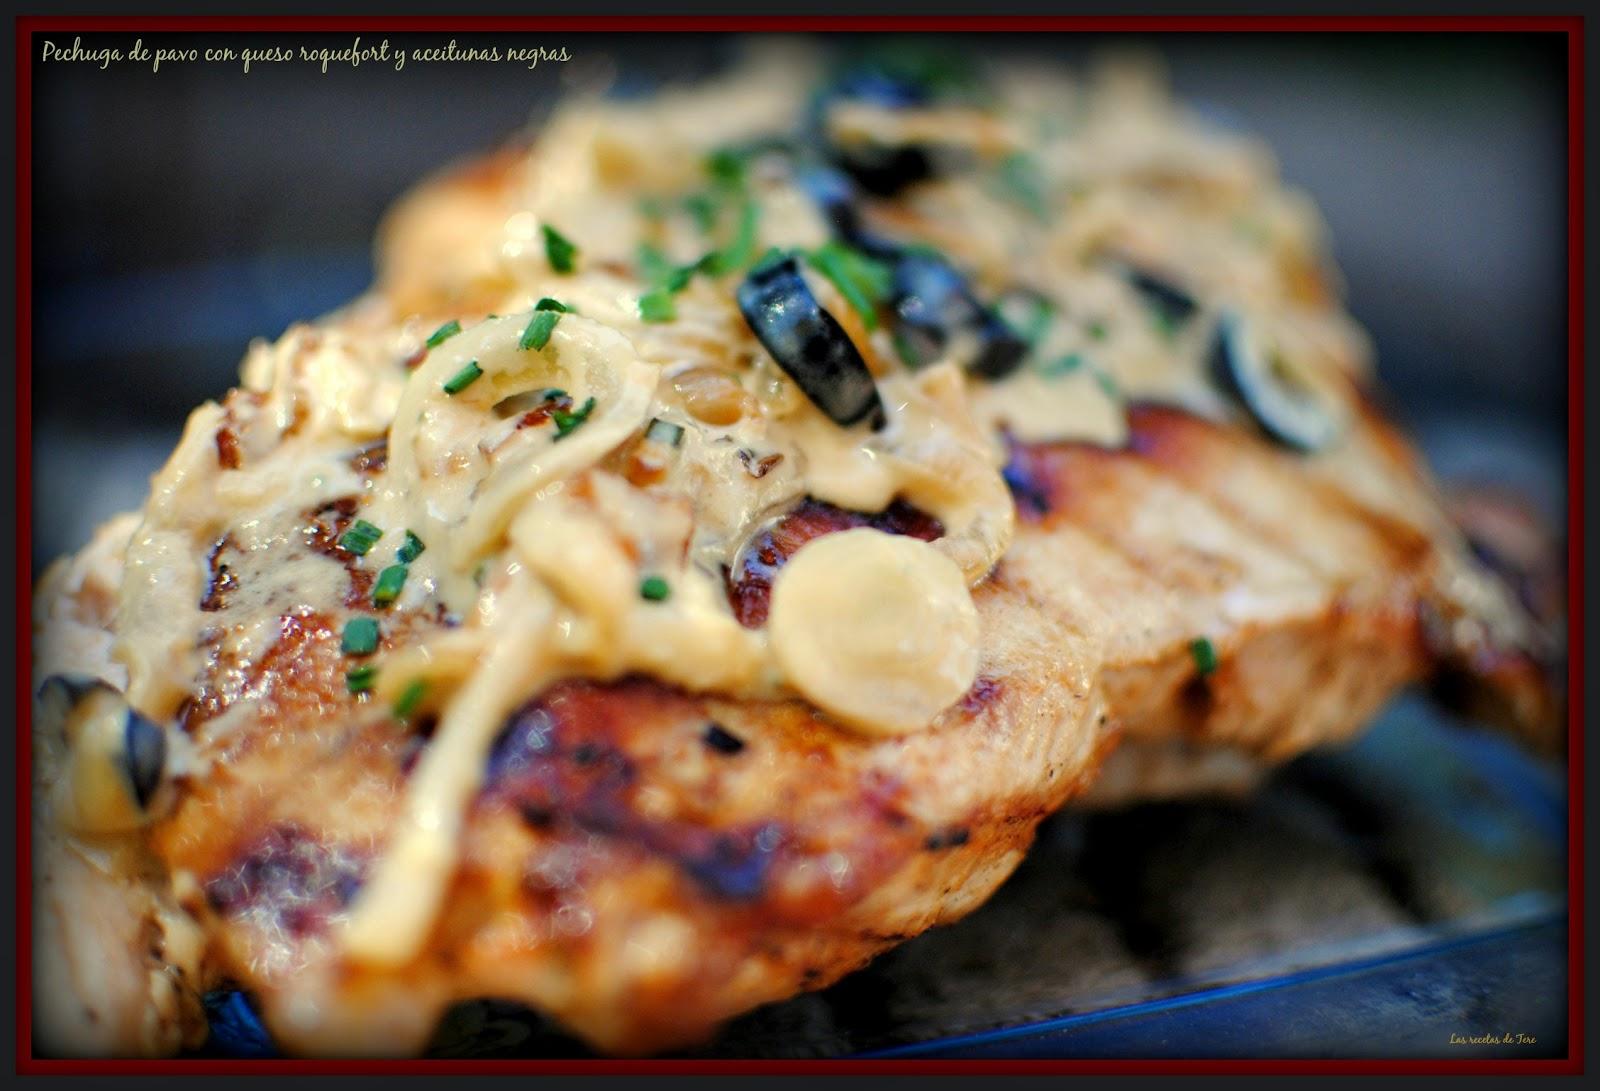 pechuga de pavo con queso roquefort y aceitunas negras tererecetas 06